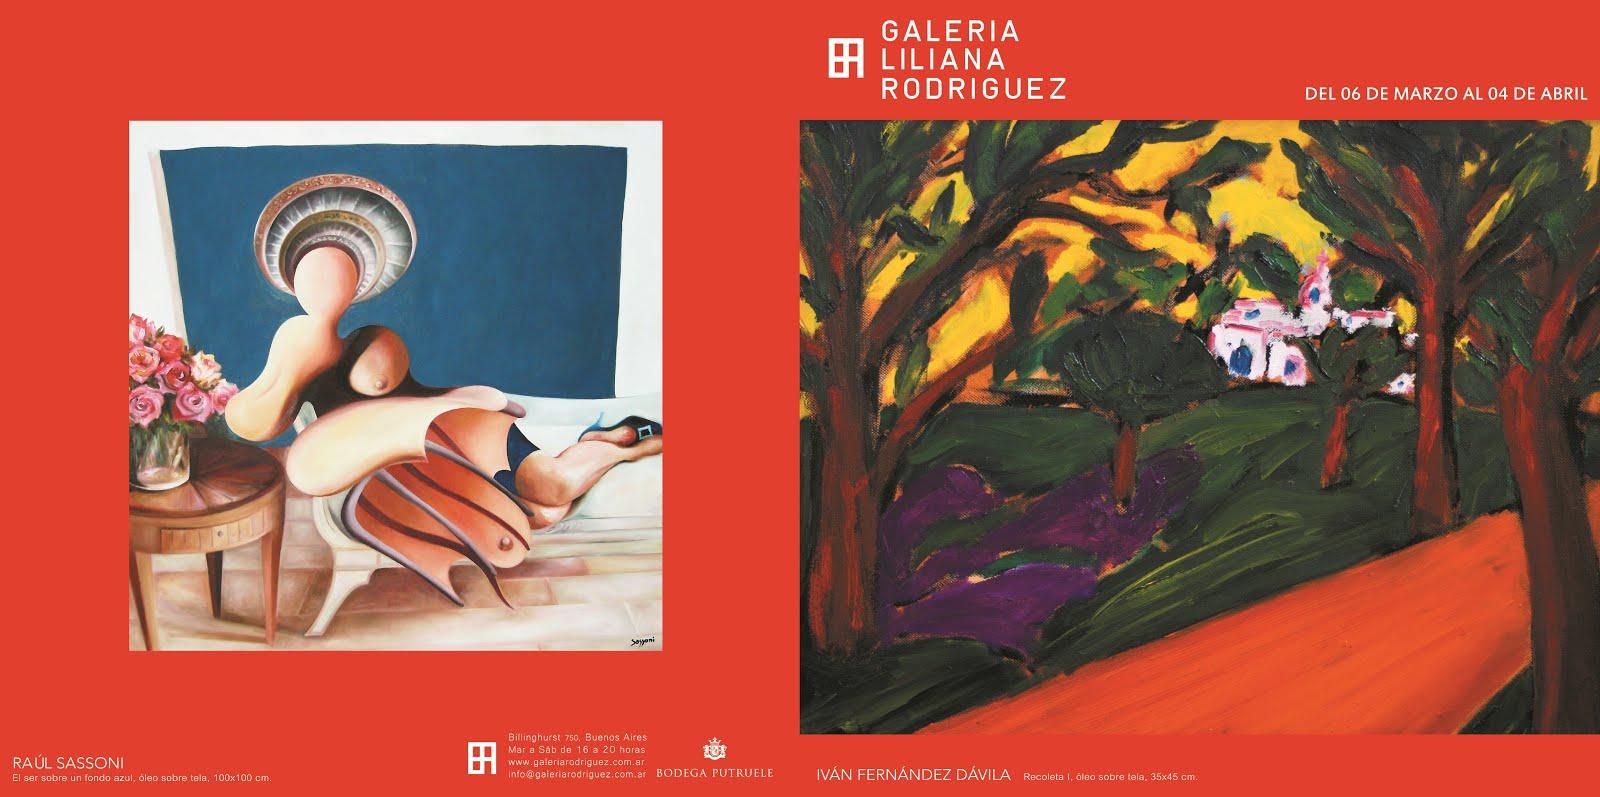 Galería Liliana Rodriguez.